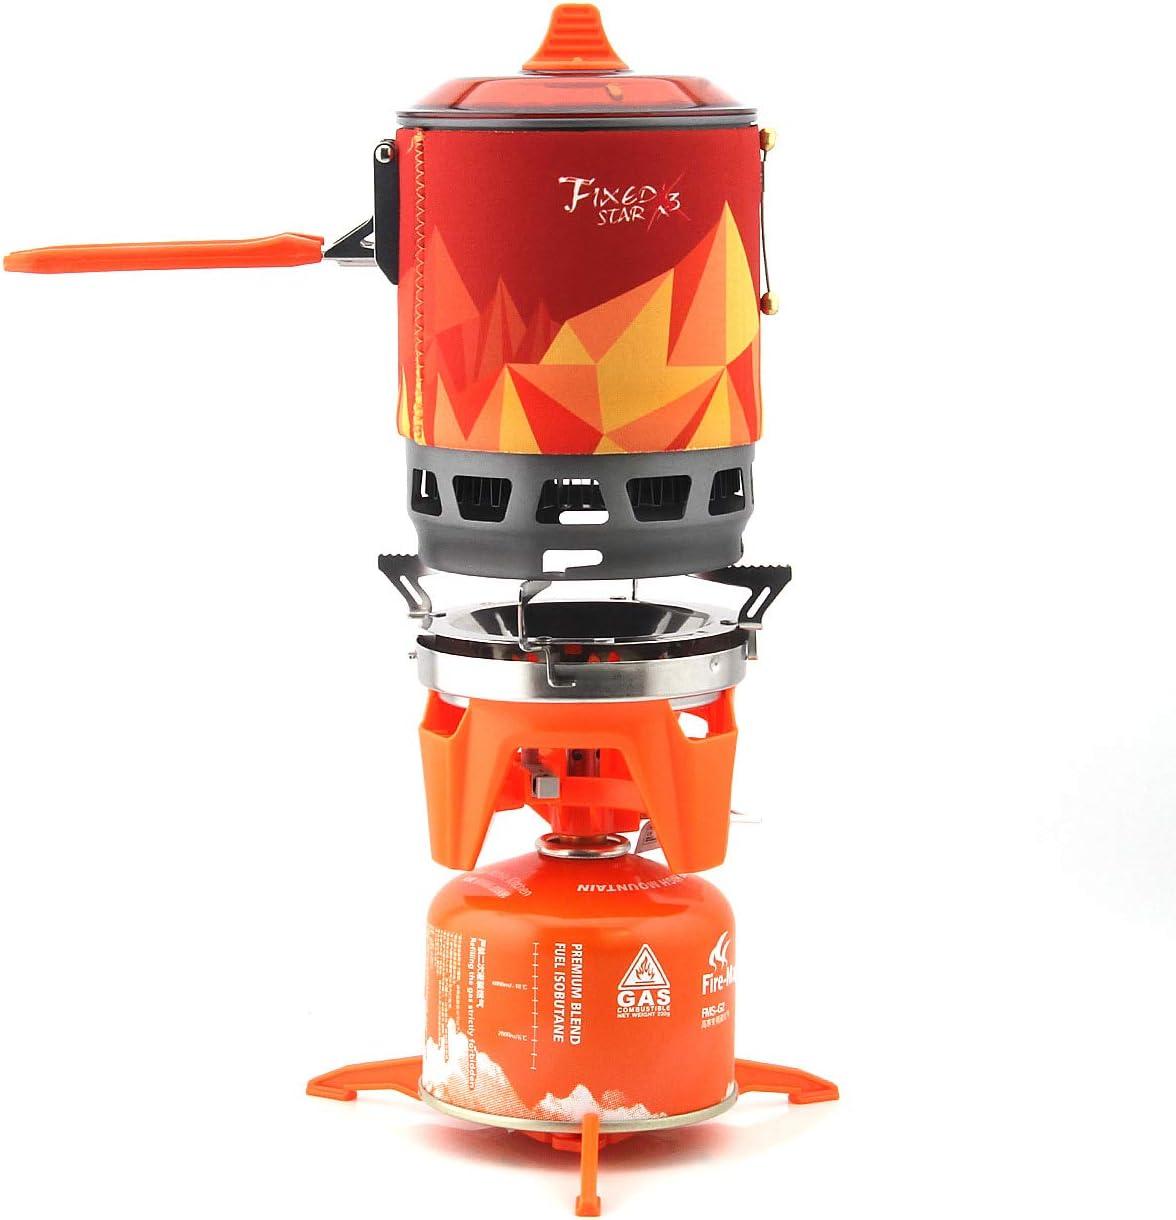 Fire-arce X2 X3 - Sistema de cocina personal para exteriores, senderismo, camping, horno, estufa de gas portátil, 1500 W, 0,8 l, 600 g (X3-OR)